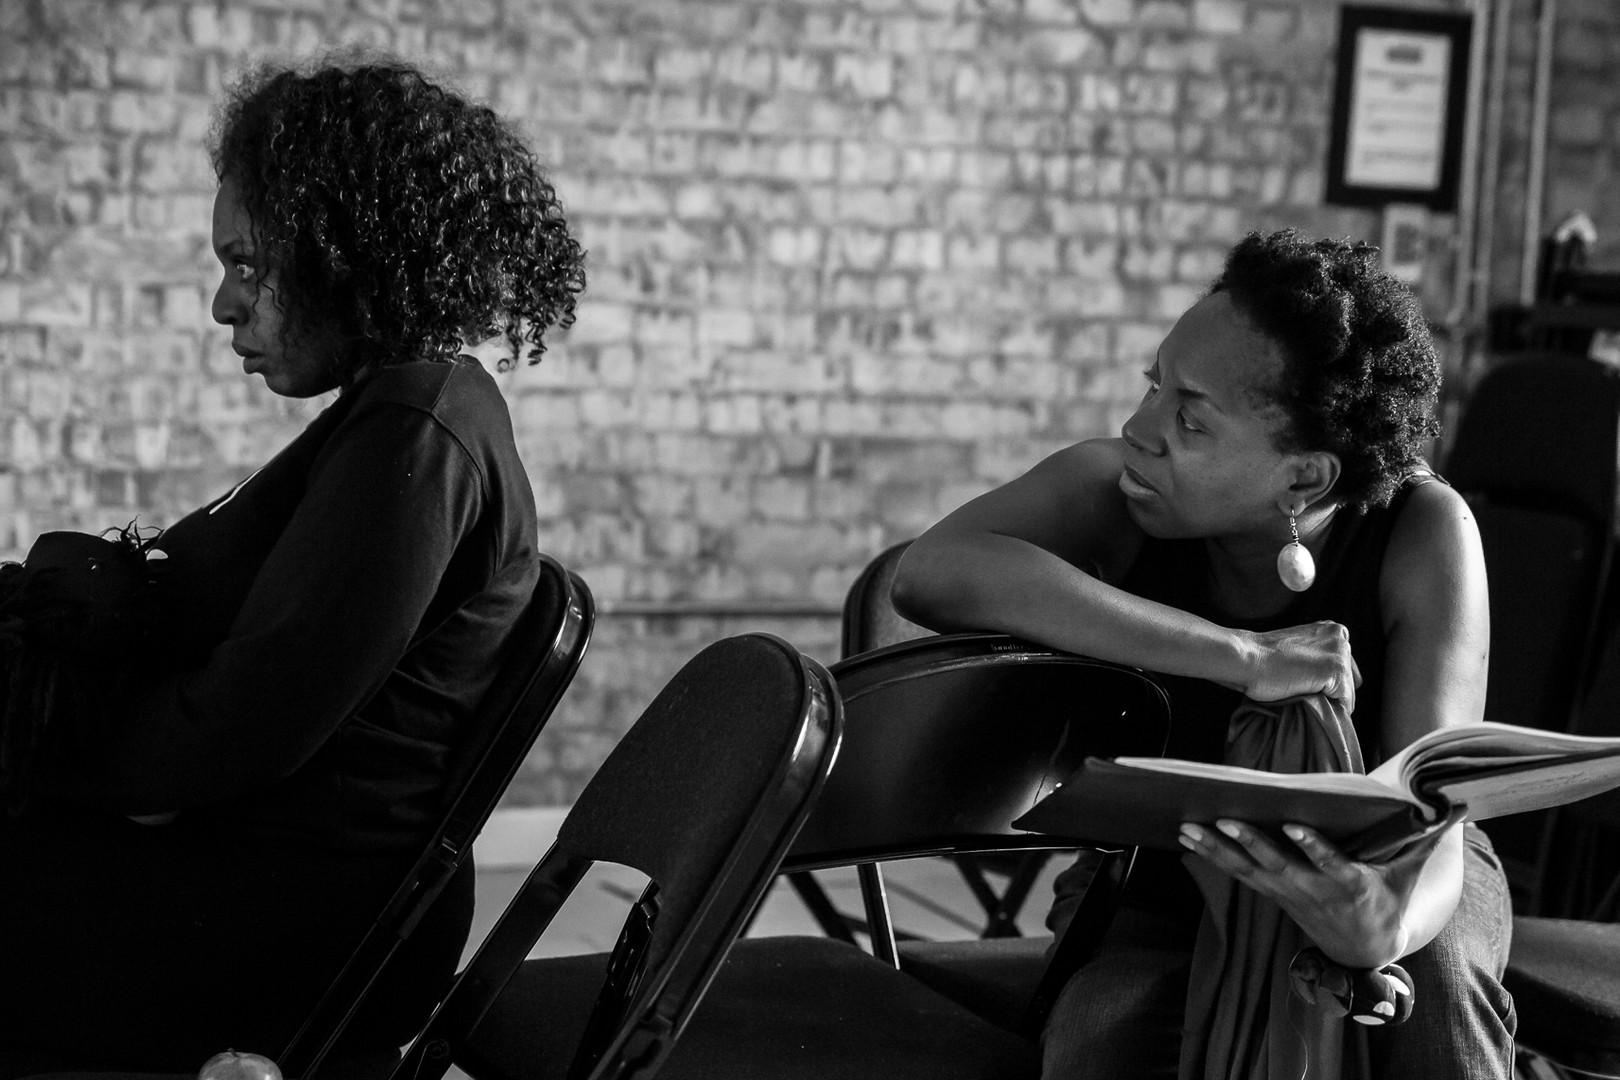 Rehearsal Shots Photographer Lara Genovese for Naiad Photography